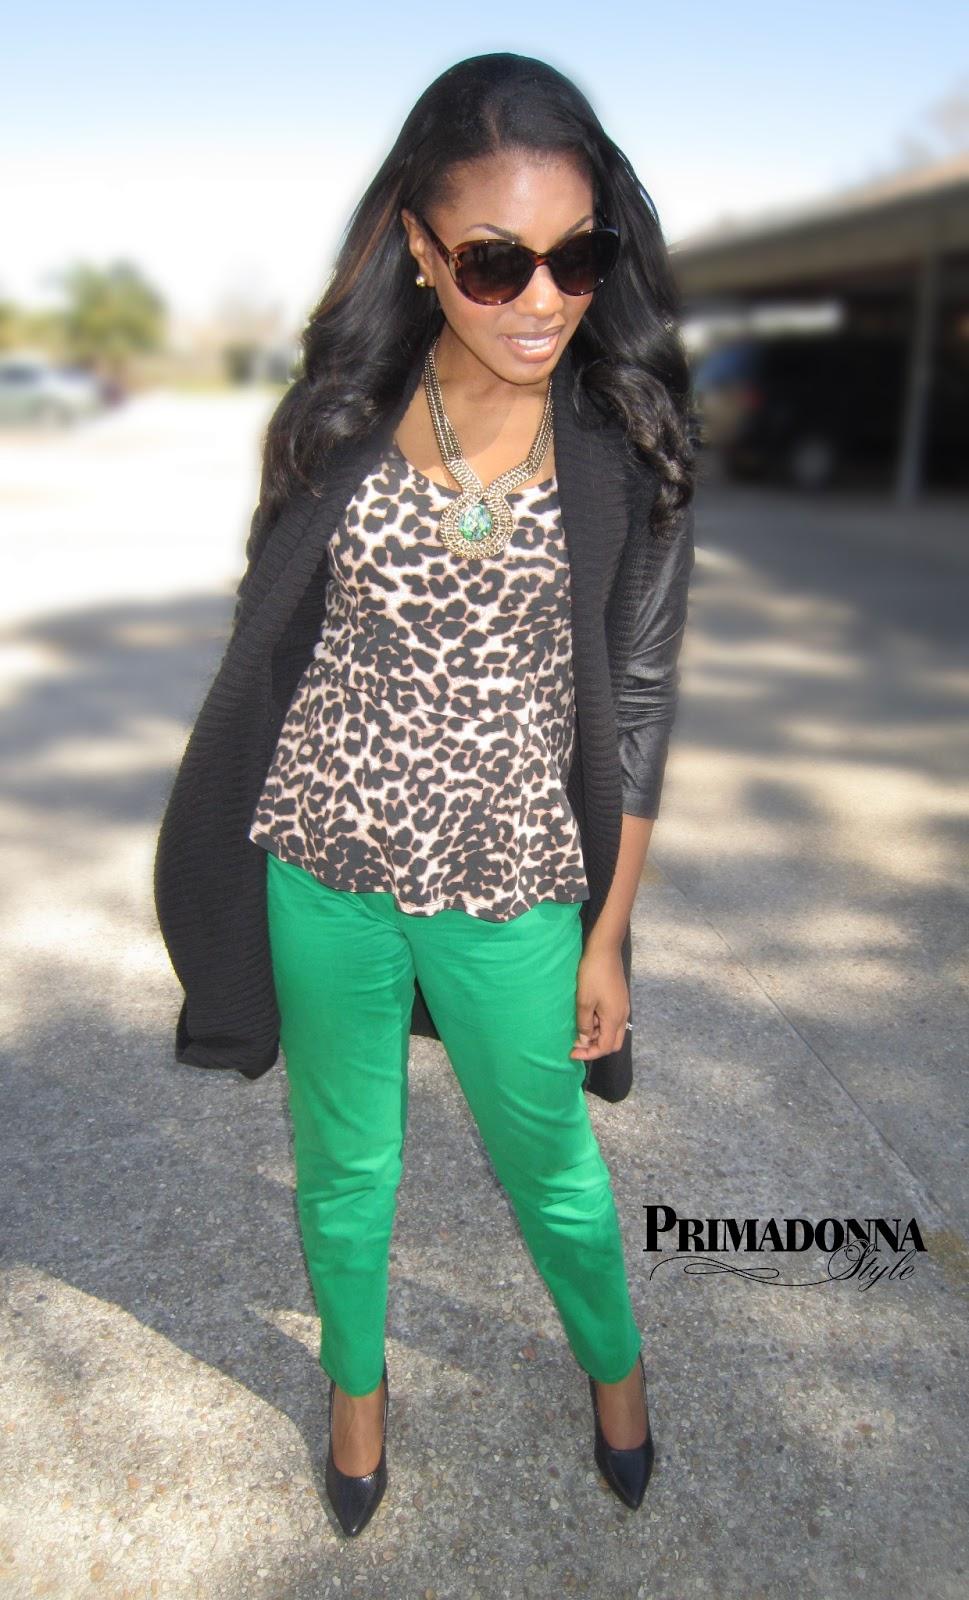 Primadonna Style: St. Patrick's Day Inspiration: Green Pants